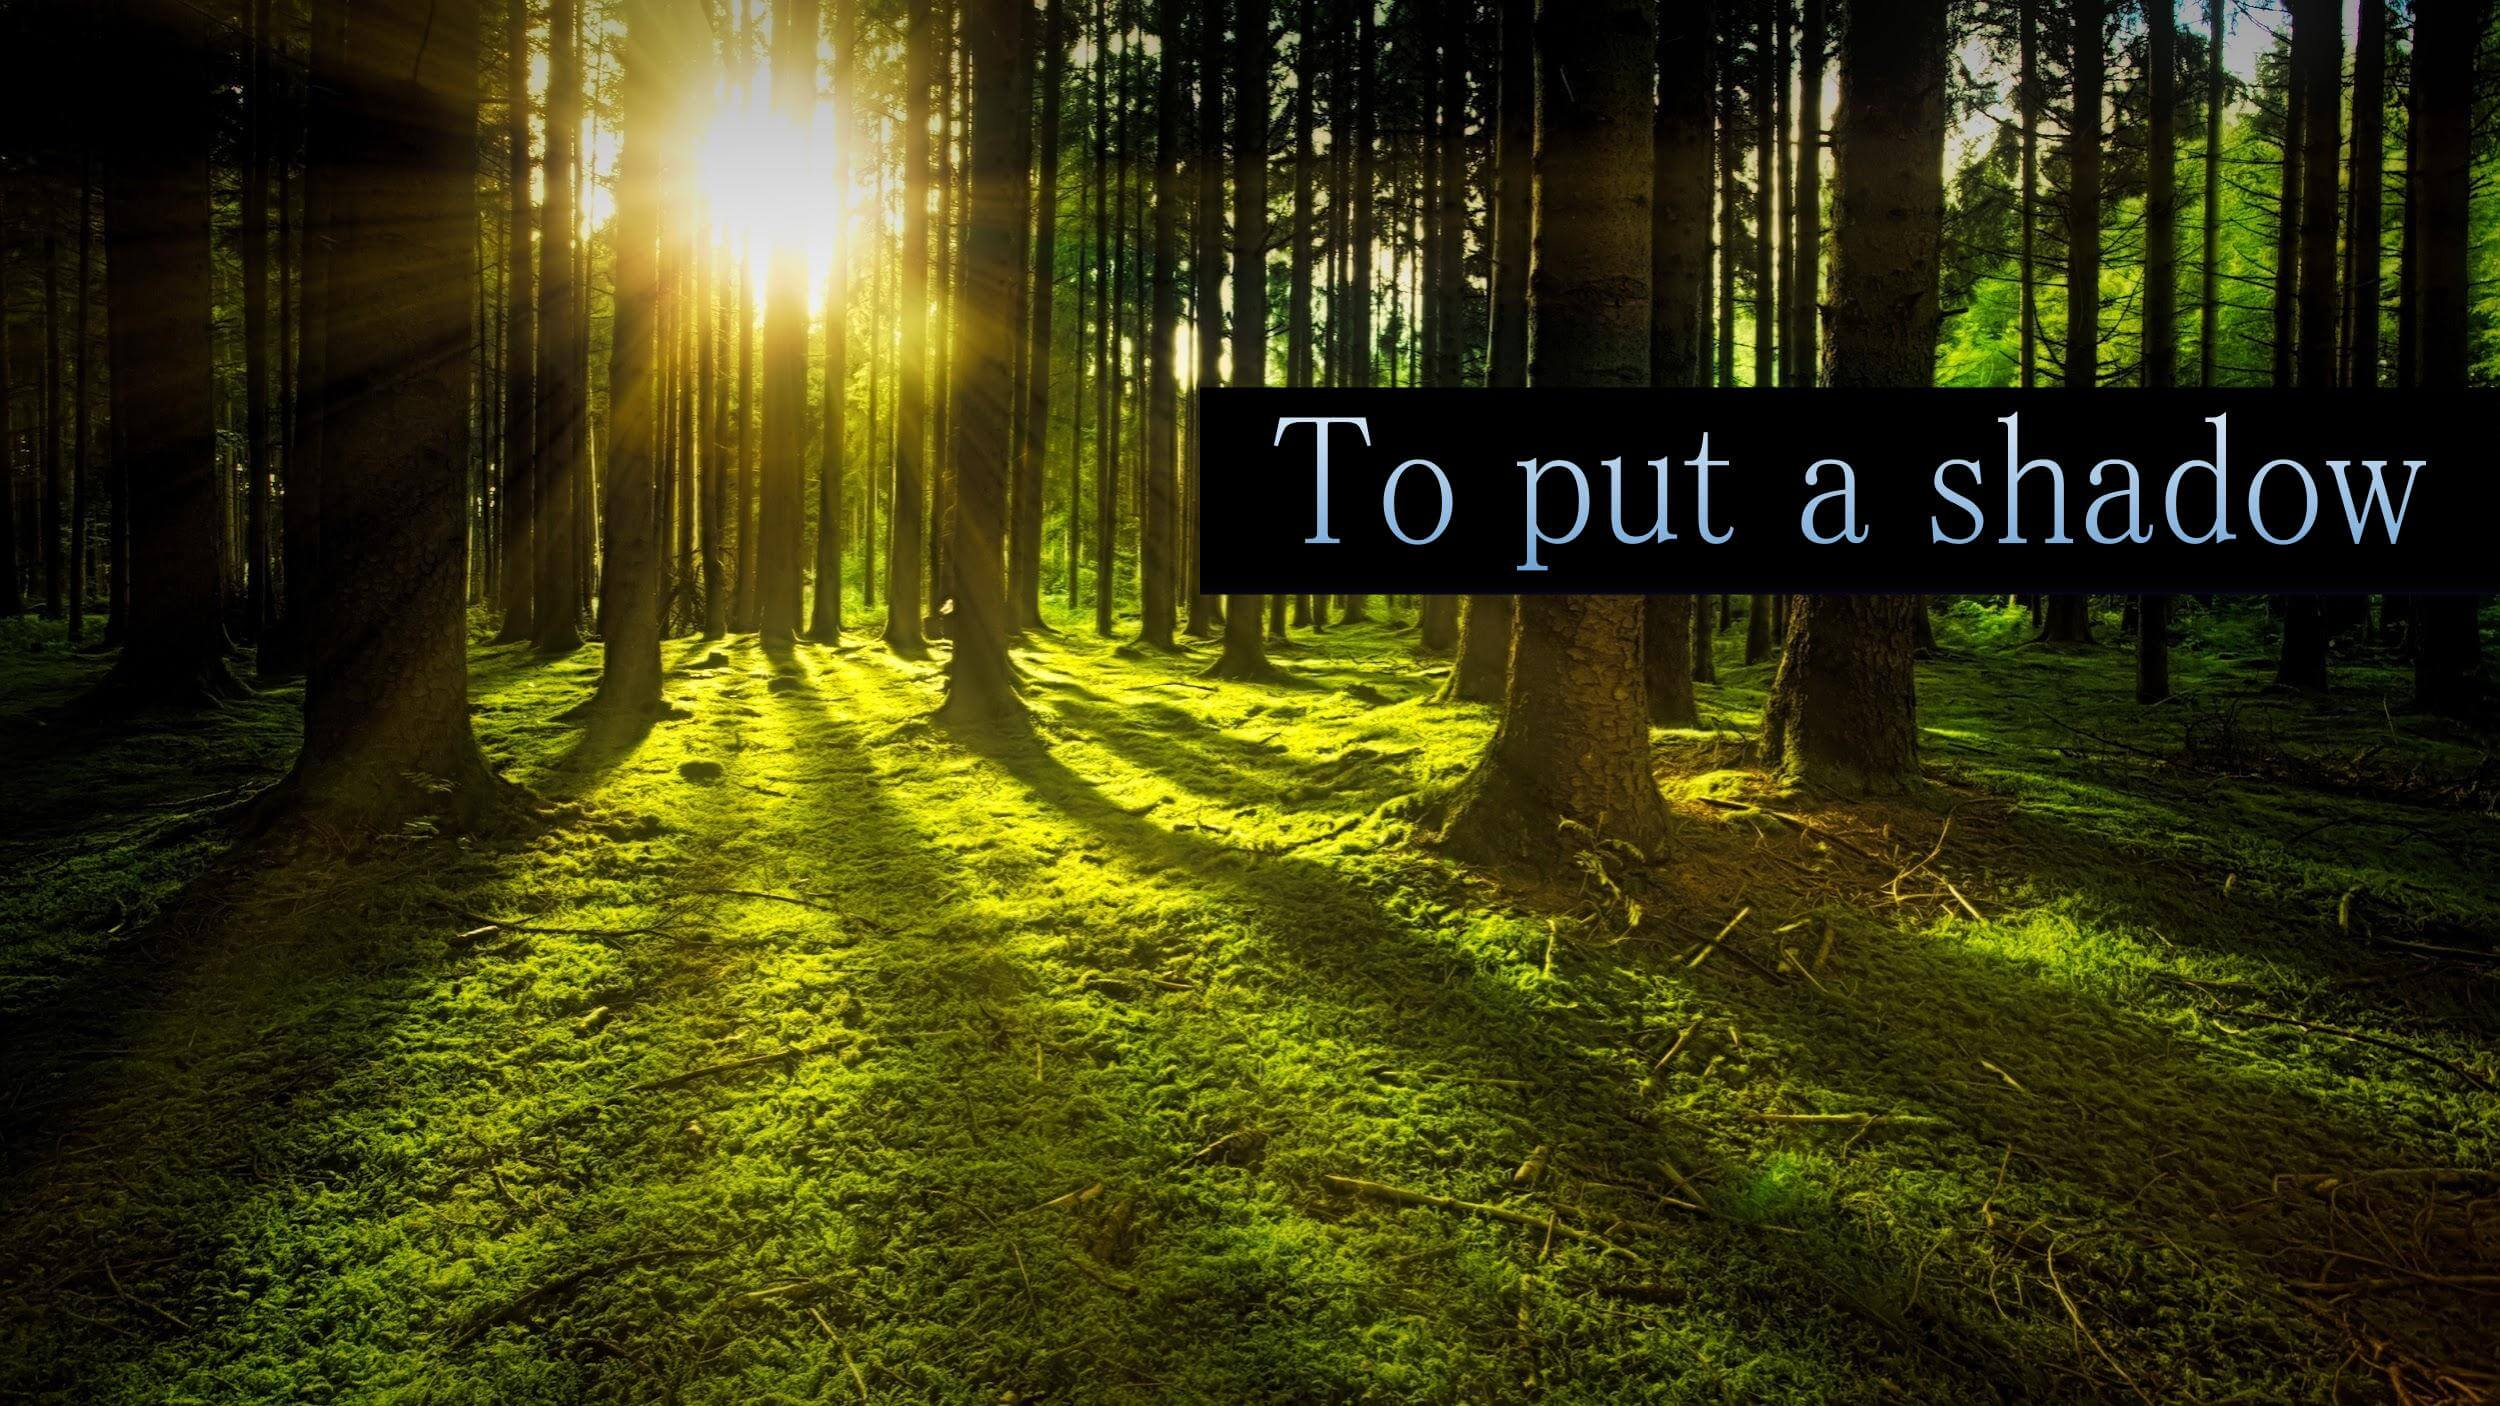 太陽が照らす深い森 「To put a shadow」